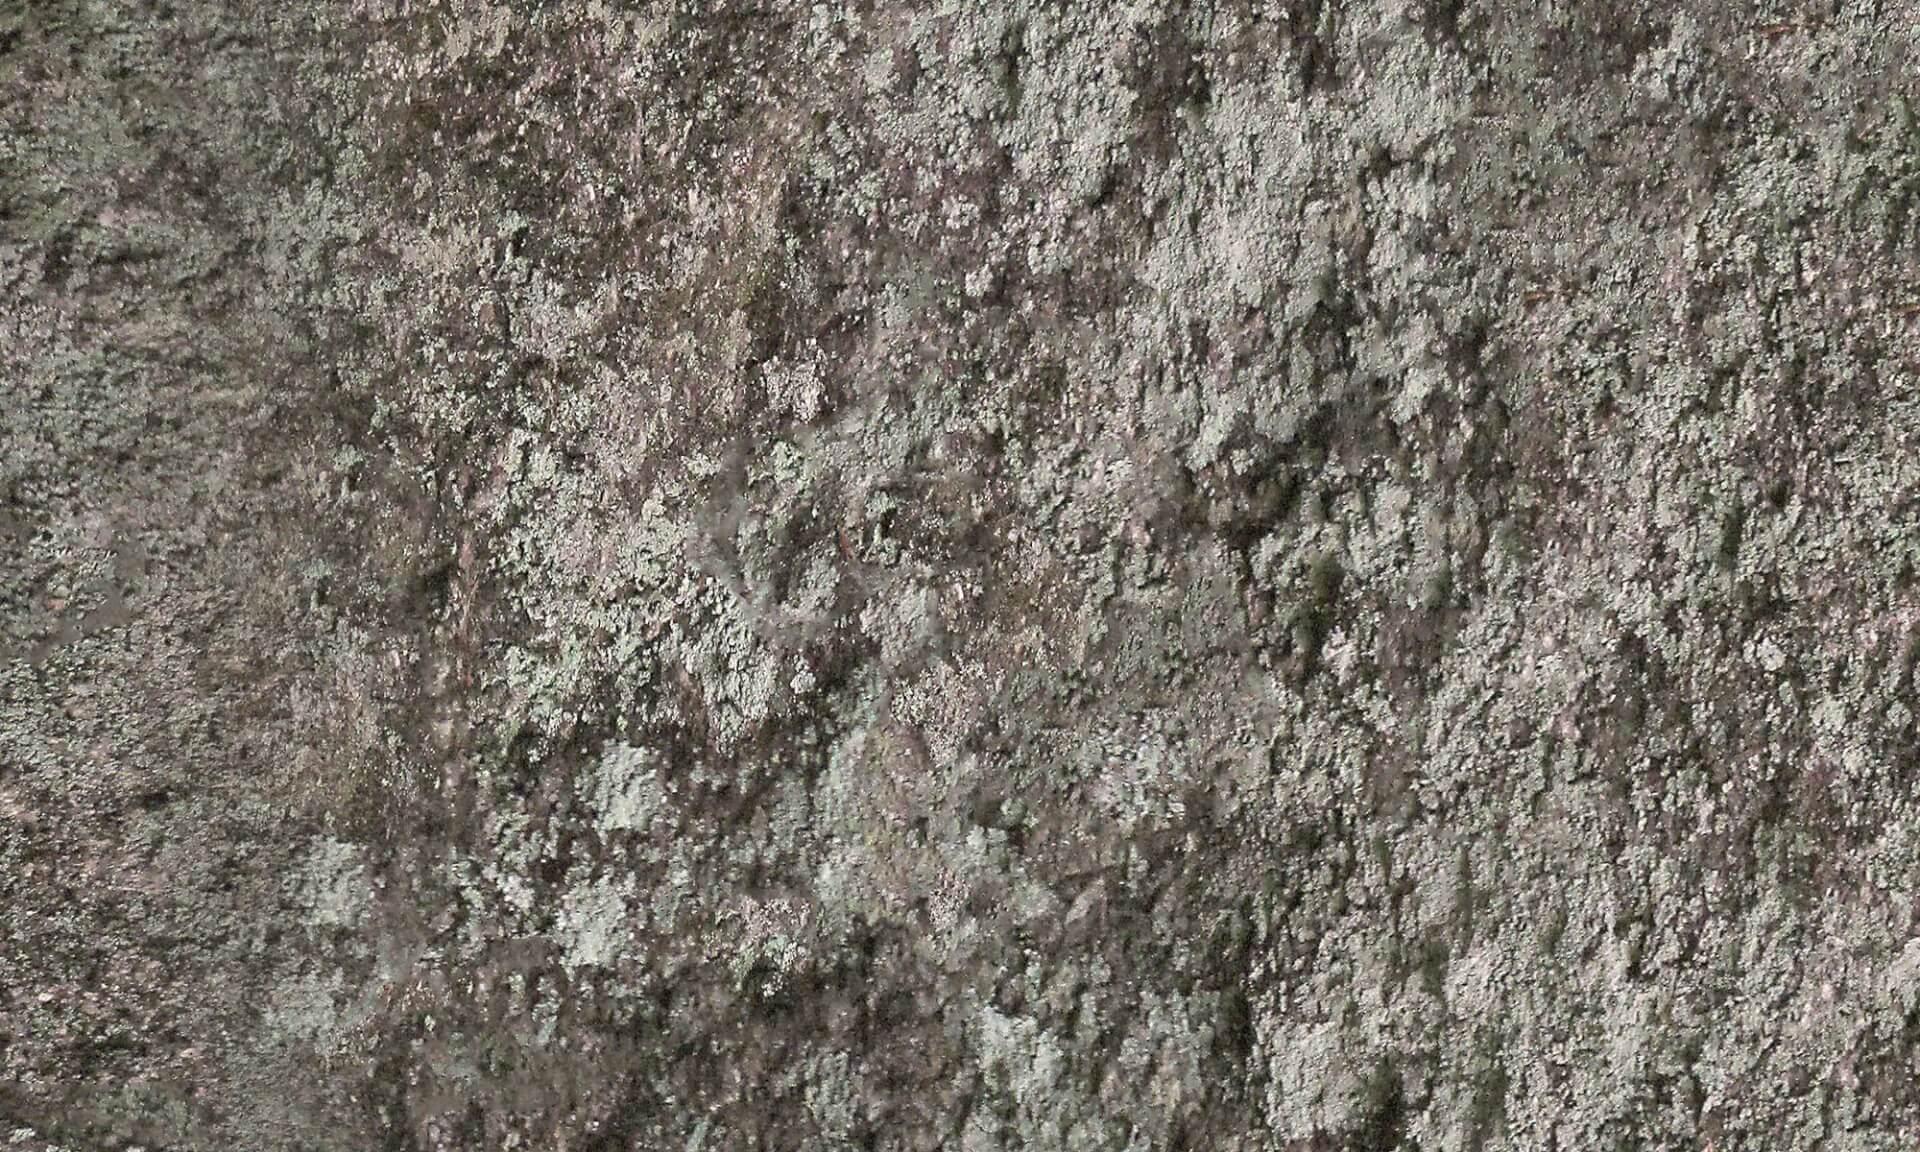 Maine Rock Wall with Lichen Doug Garrabrants